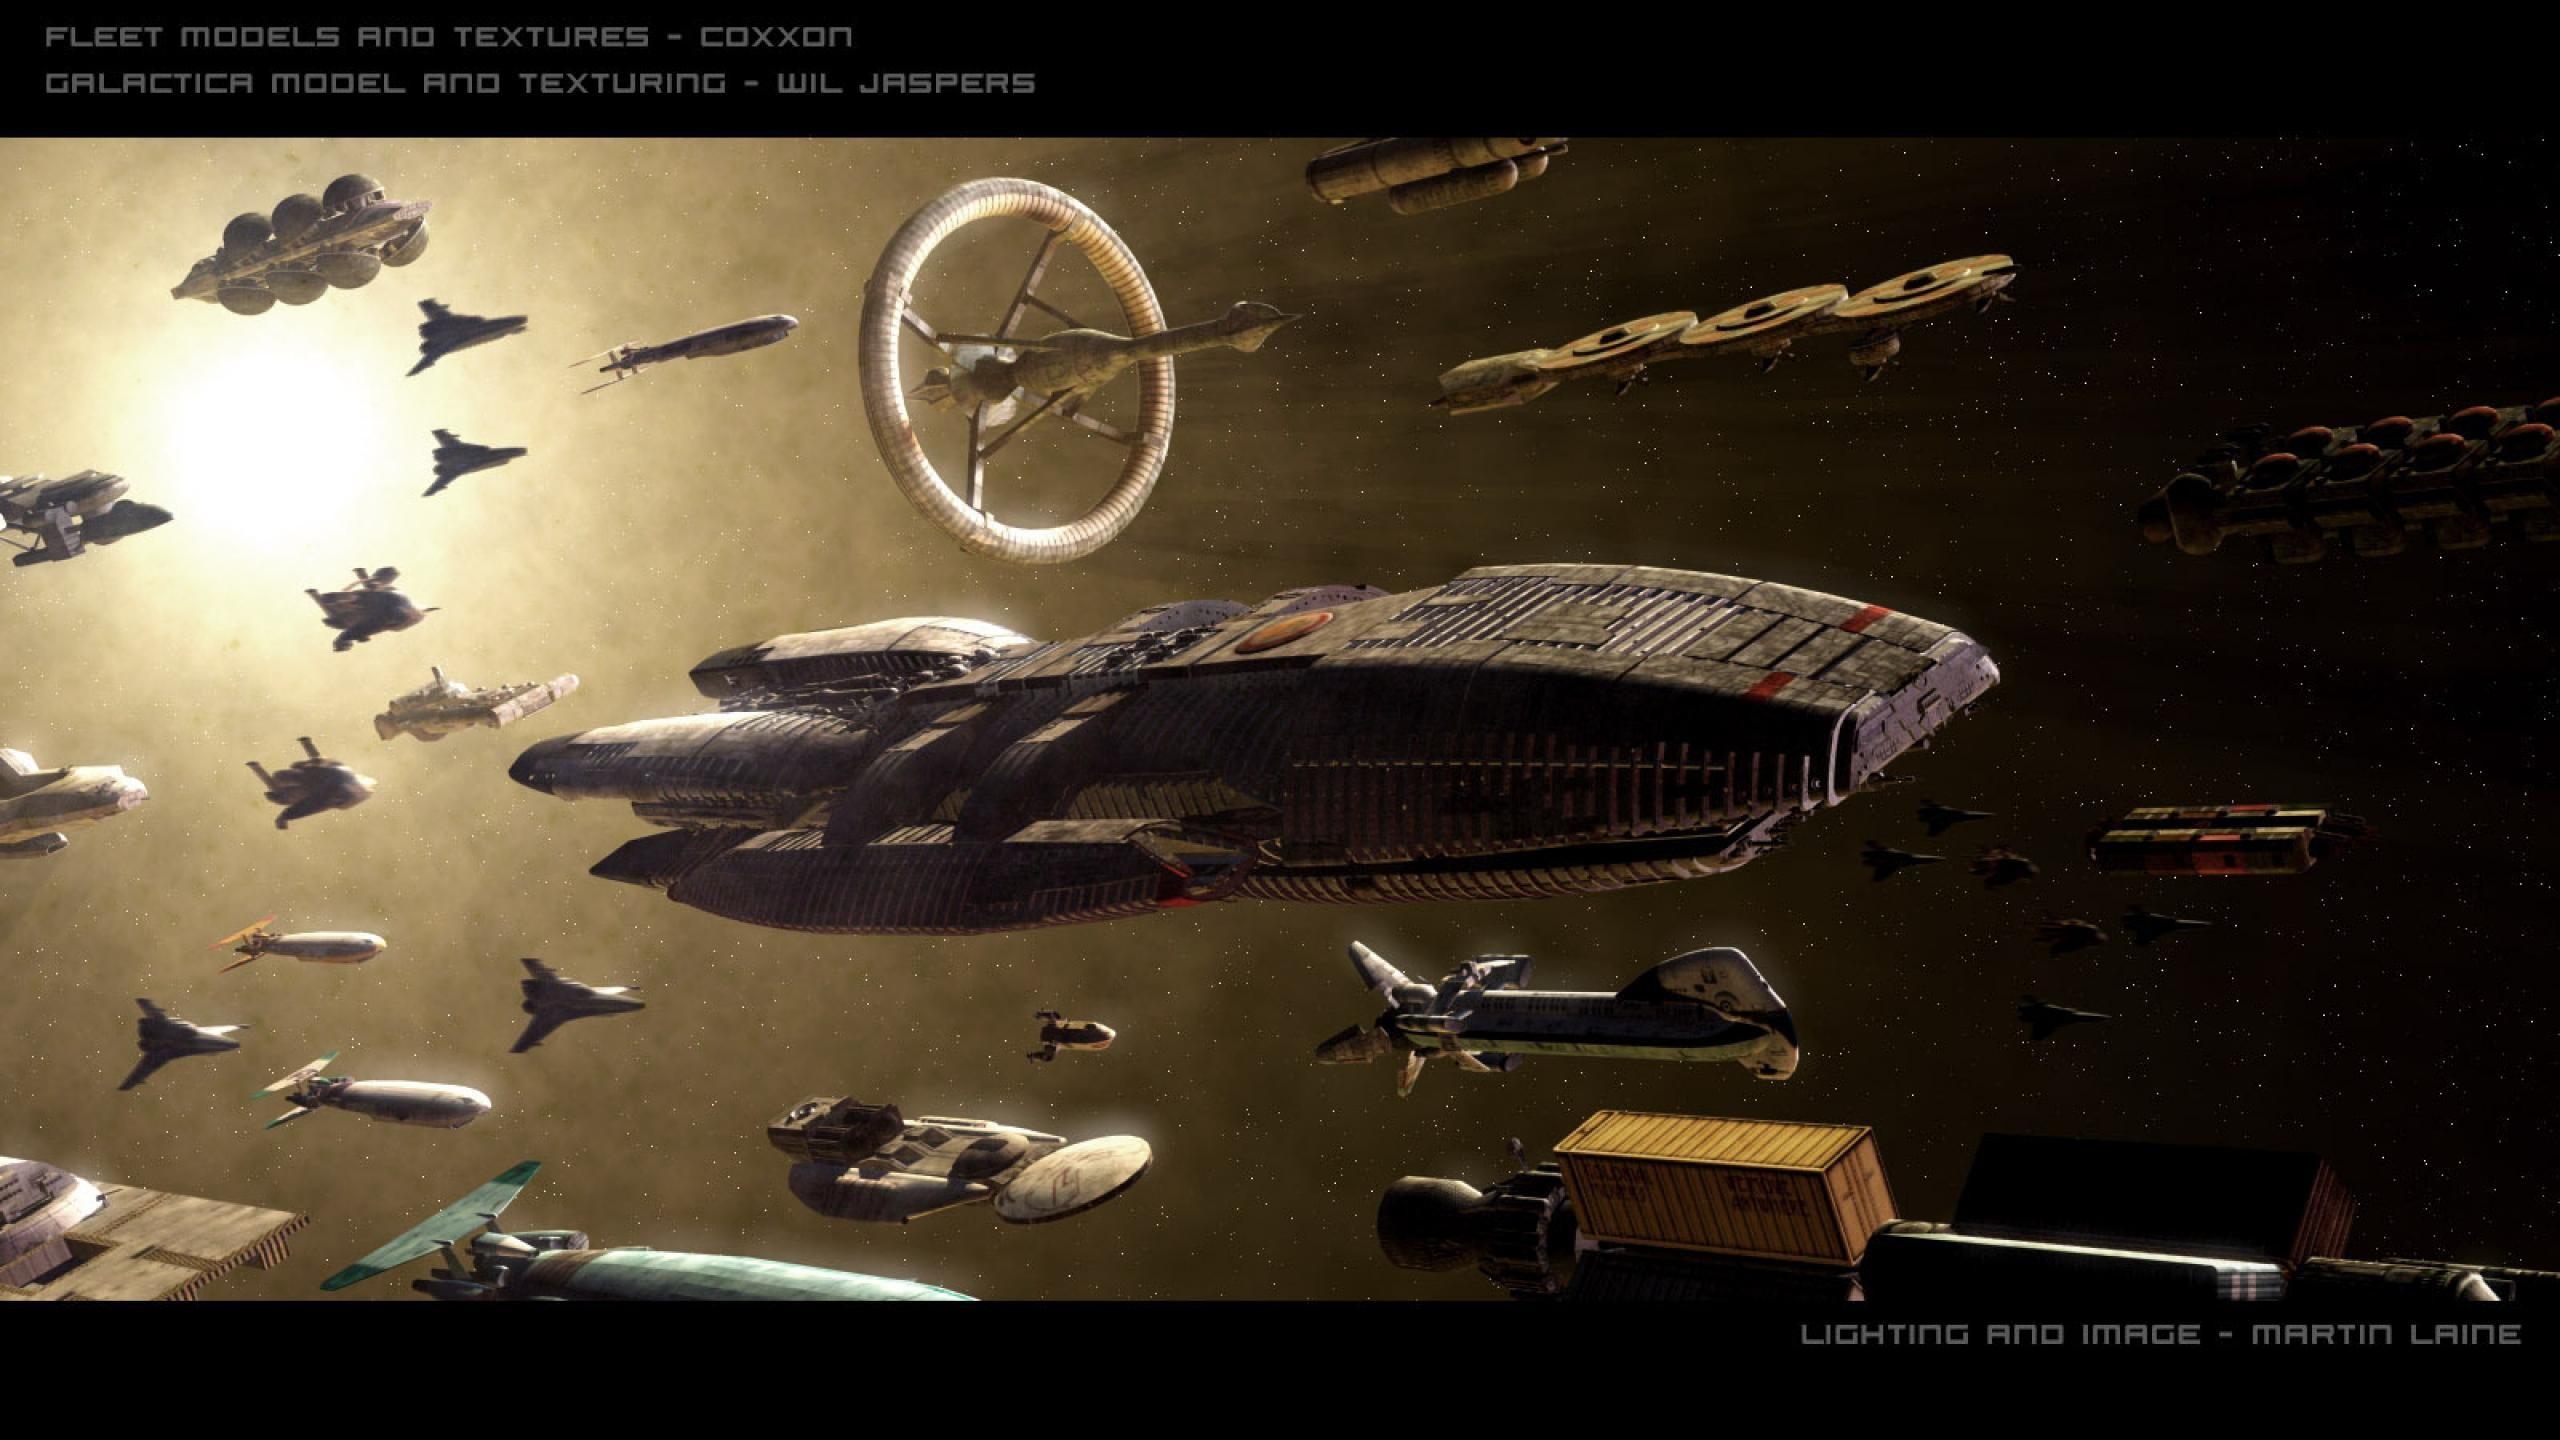 1920x1080 Battlestar Galactica Cylon Centurion HD Wallpaper